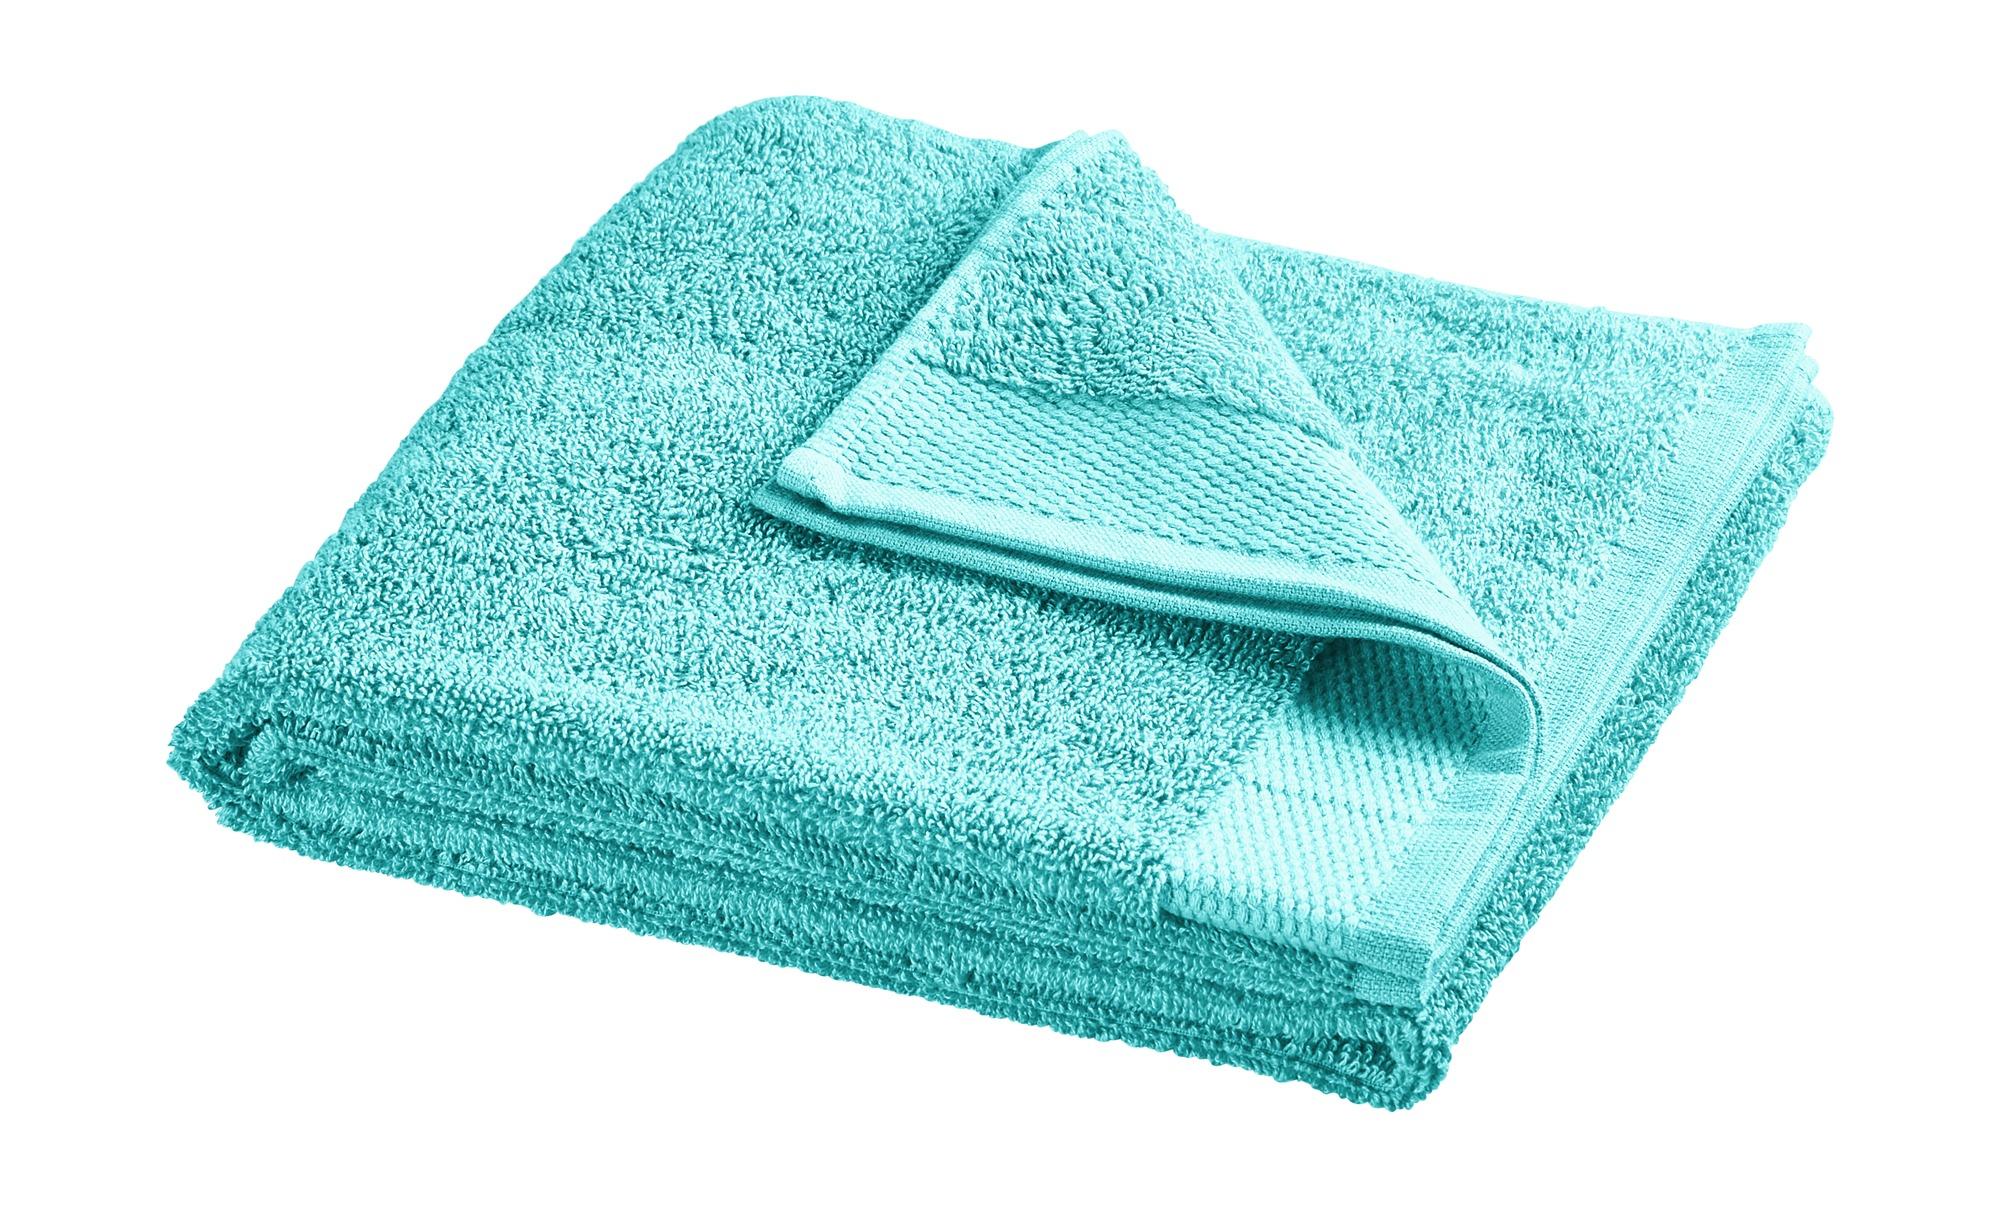 HOME STORY Duschtuch  Bubble ¦ türkis/petrol ¦ reine Baumwolle (100% Baumwolle) Badtextilien und Zubehör > Handtücher & Badetücher > Handtücher - Höff